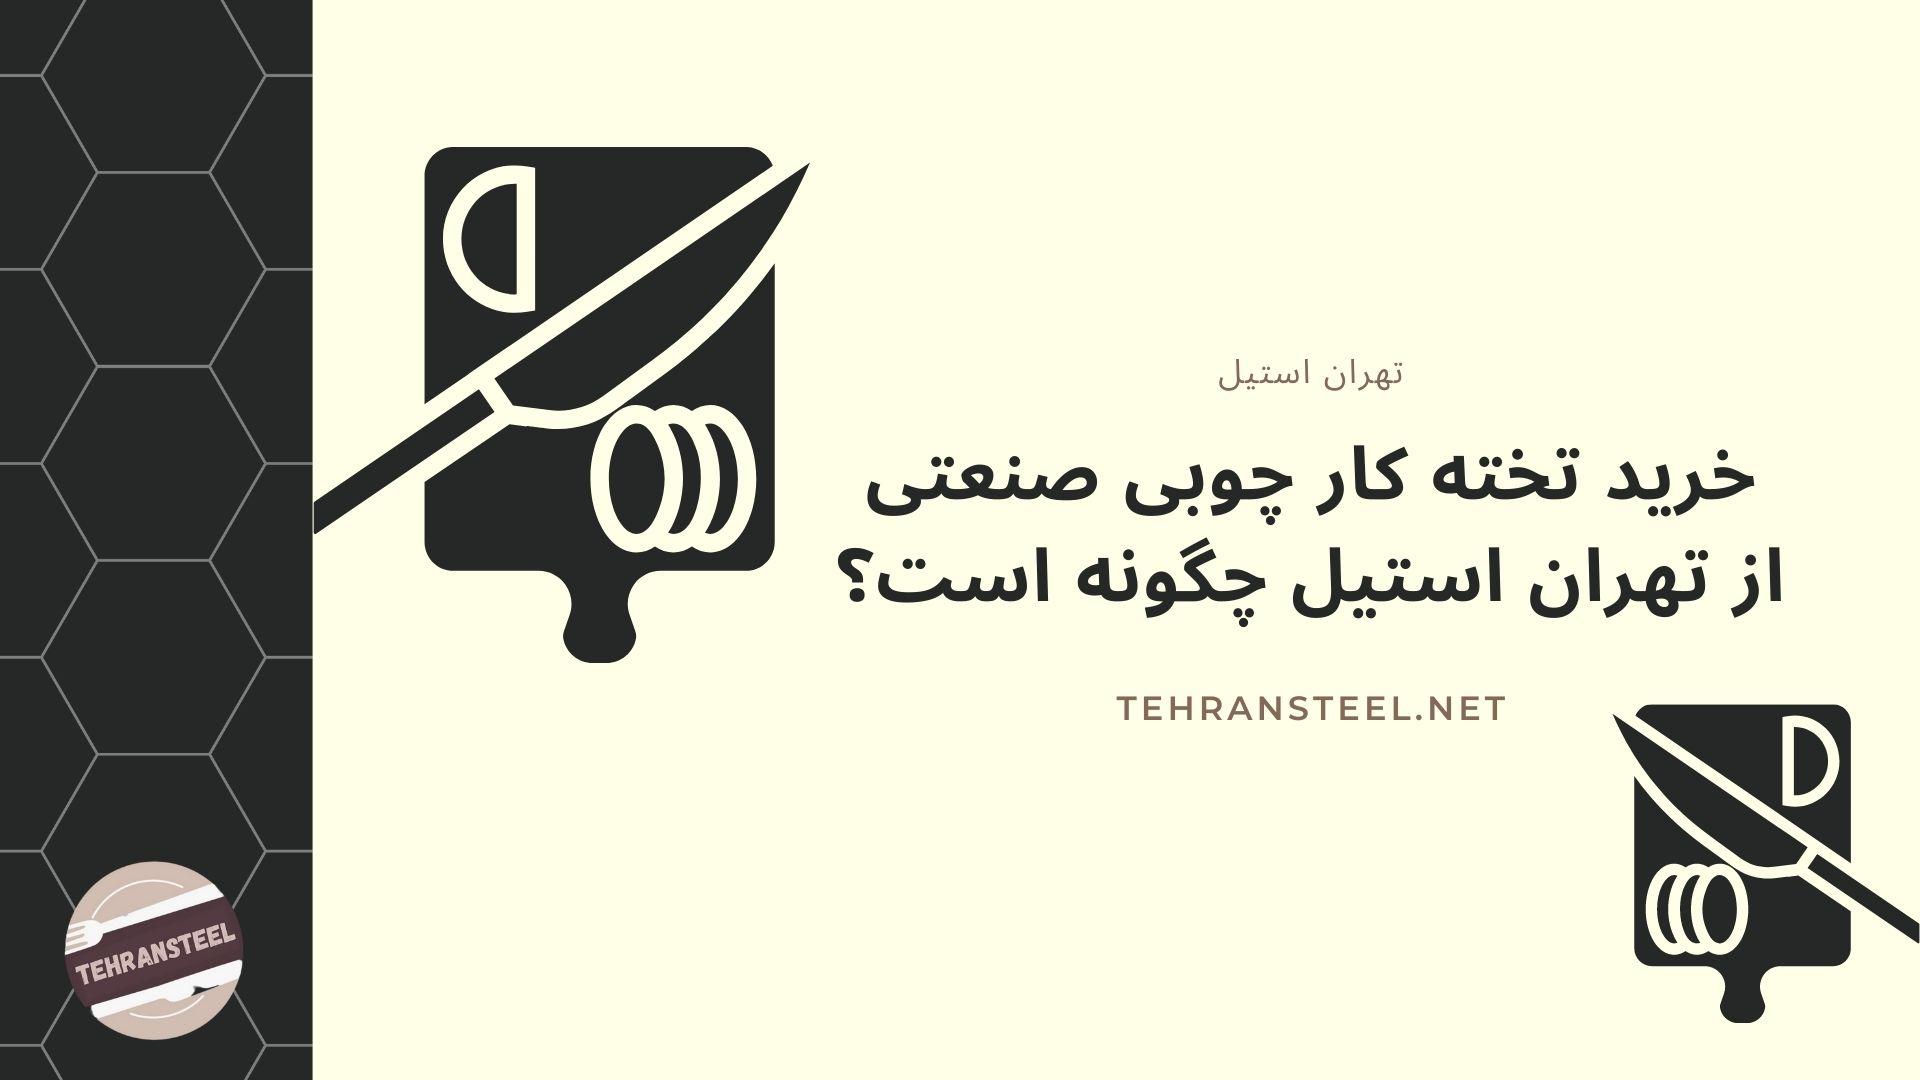 خرید تخته کار چوبی صنعتی از تهران استیل چگونه است؟